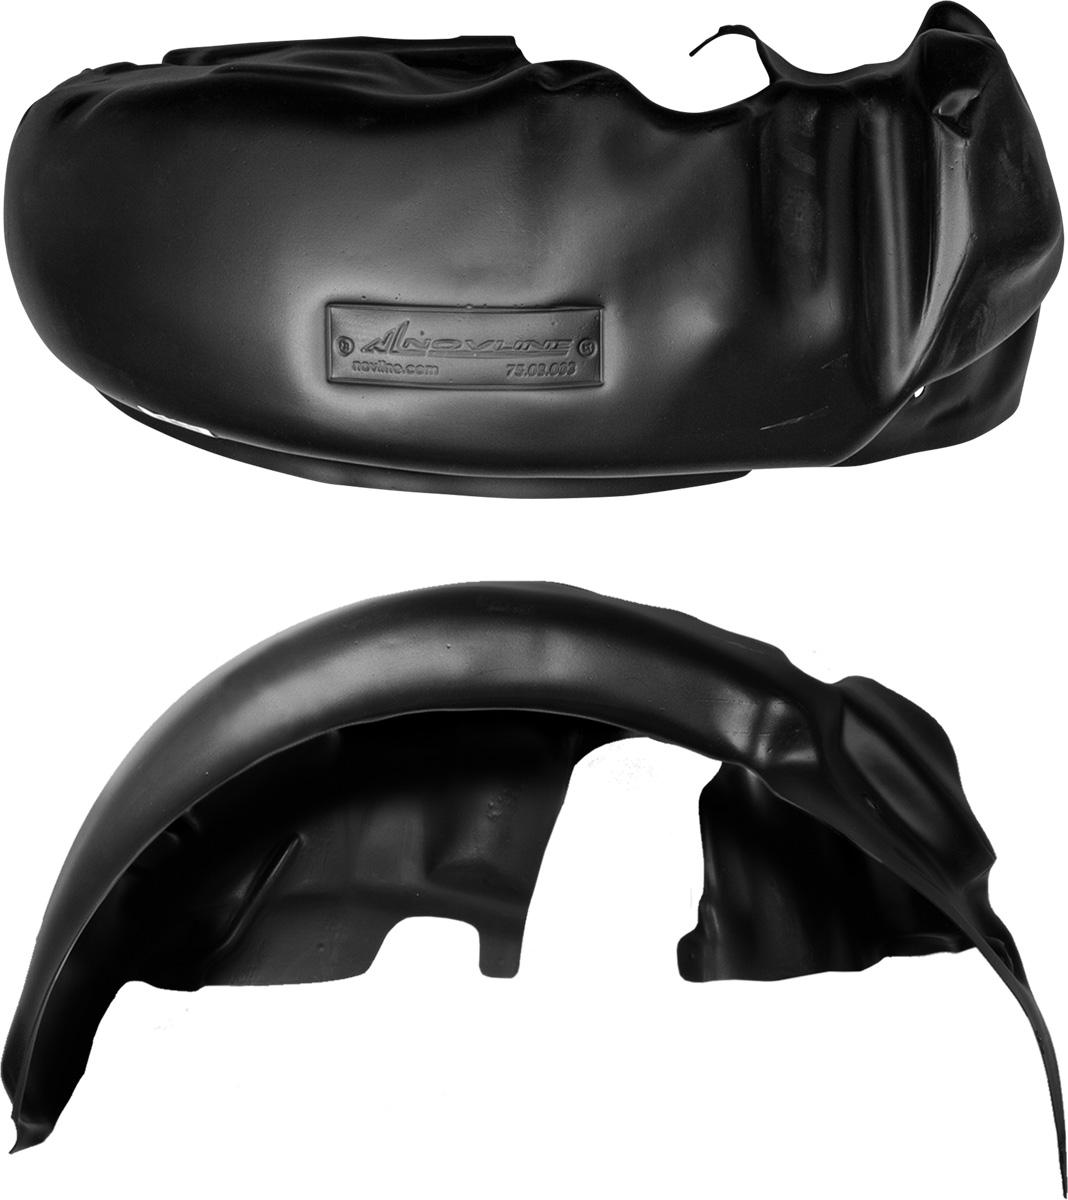 Подкрылок Novline-Autofamily, для УАЗ 3741, 1990->, задний правыйNLL.54.02.004Колесные ниши - одни из самых уязвимых зон днища вашего автомобиля. Они постоянно подвергаются воздействию со стороны дороги. Лучшая, почти абсолютная защита для них - специально отформованные пластиковые кожухи, которые называются подкрылками. Производятся они как для отечественных моделей автомобилей, так и для иномарок. Подкрылки Novline-Autofamily выполнены из высококачественного, экологически чистого пластика. Обеспечивают надежную защиту кузова автомобиля от пескоструйного эффекта и негативного влияния, агрессивных антигололедных реагентов. Пластик обладает более низкой теплопроводностью, чем металл, поэтому в зимний период эксплуатации использование пластиковых подкрылков позволяет лучше защитить колесные ниши от налипания снега и образования наледи. Оригинальность конструкции подчеркивает элегантность автомобиля, бережно защищает нанесенное на днище кузова антикоррозийное покрытие и позволяет осуществить крепление подкрылков внутри колесной арки практически без...